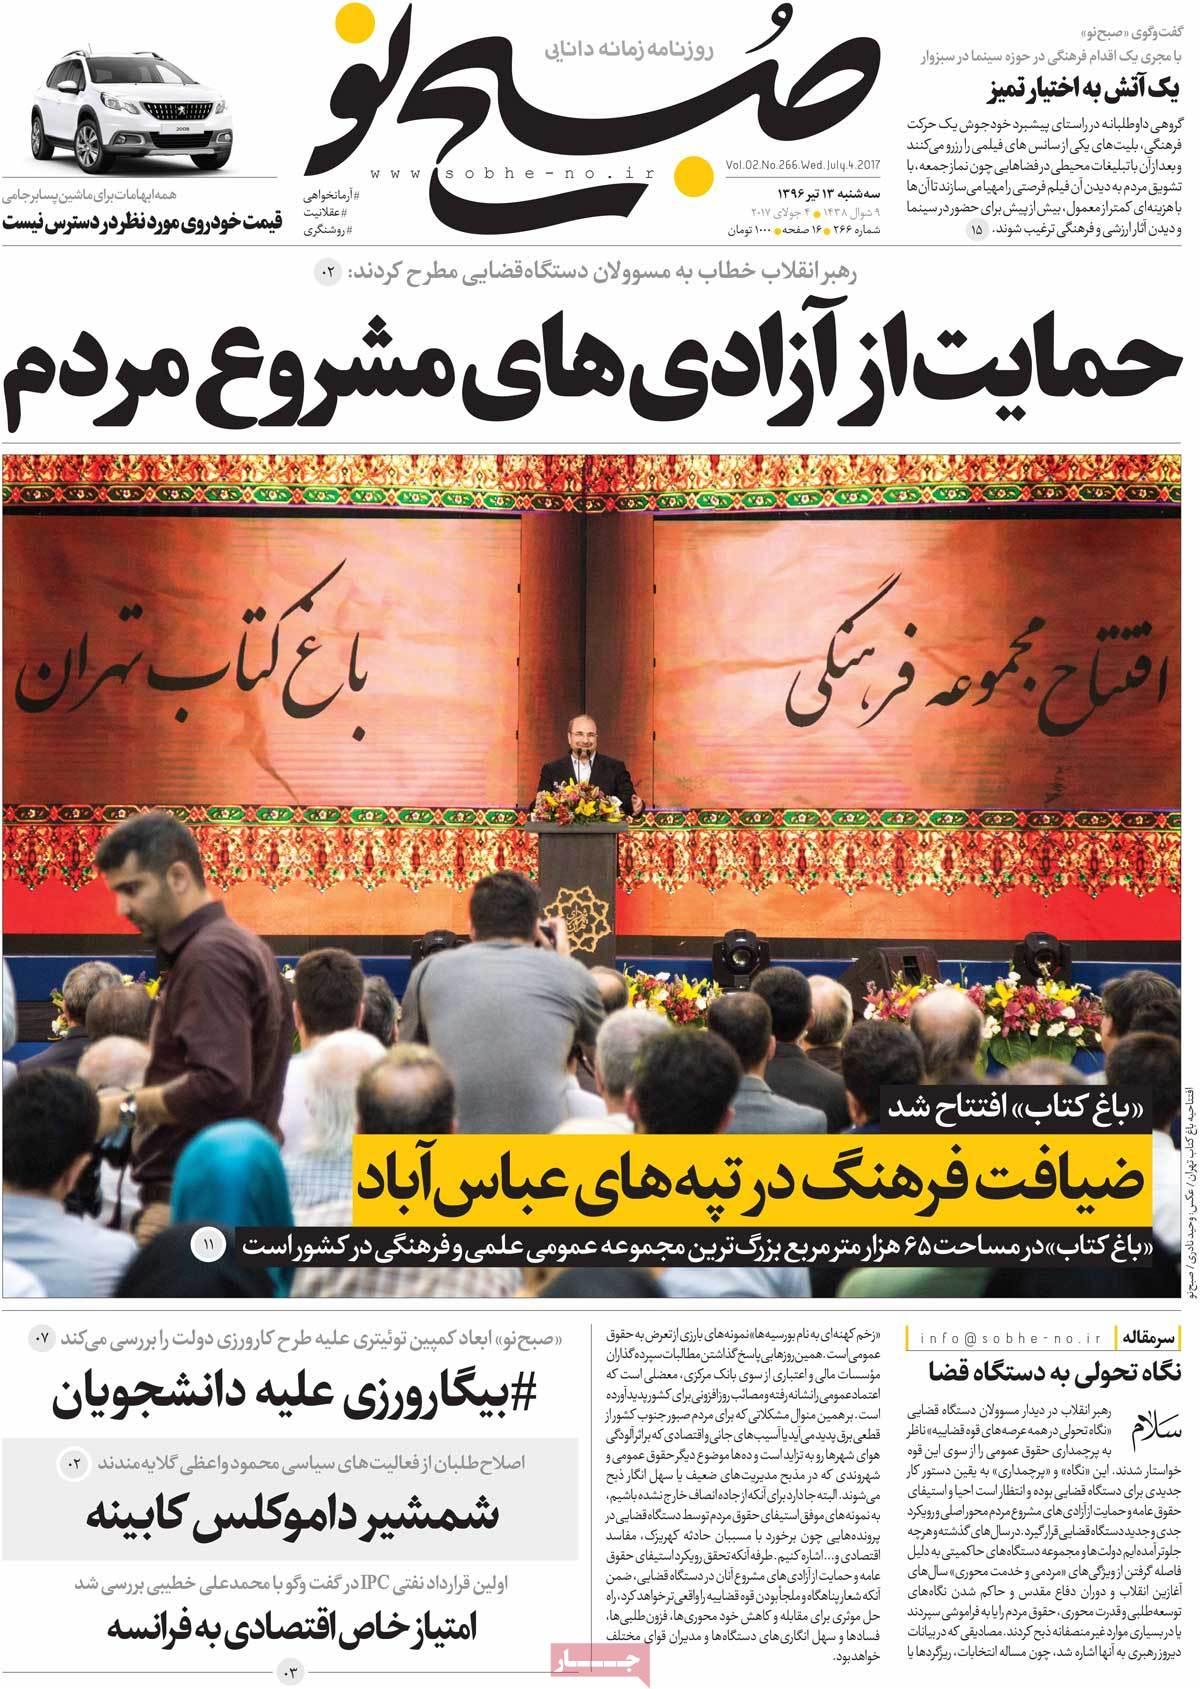 أبرز عناوين صحف ايران ، 4 يوليو / تموز 2017  - صبح نو